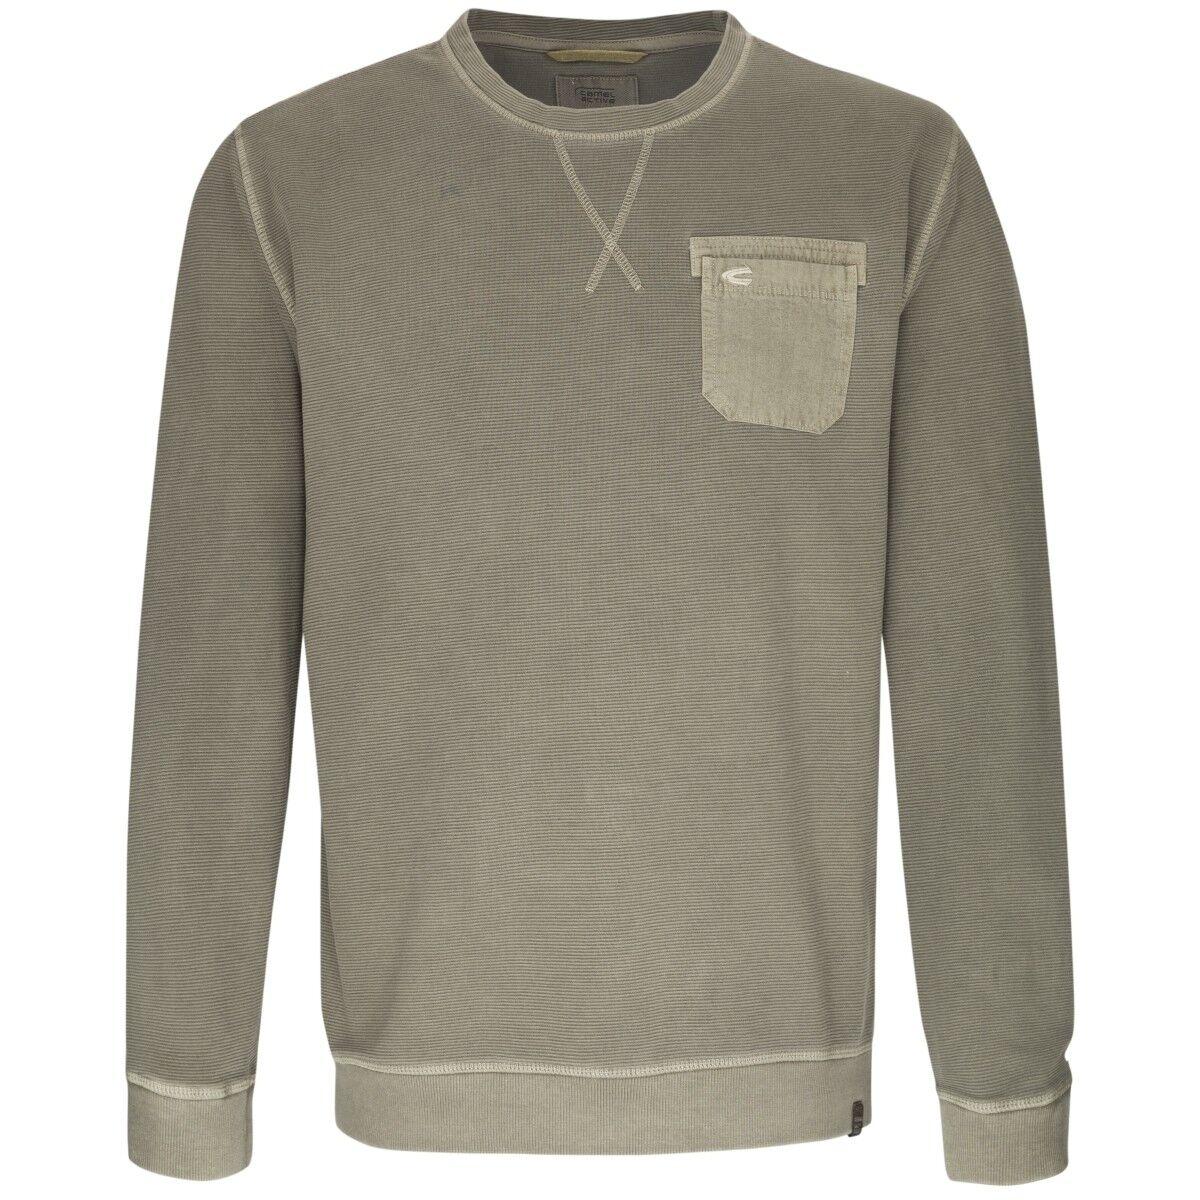 Camel active T-Shirt regular fit Langarm  | | | Verrückter Preis, Birmingham  88a542